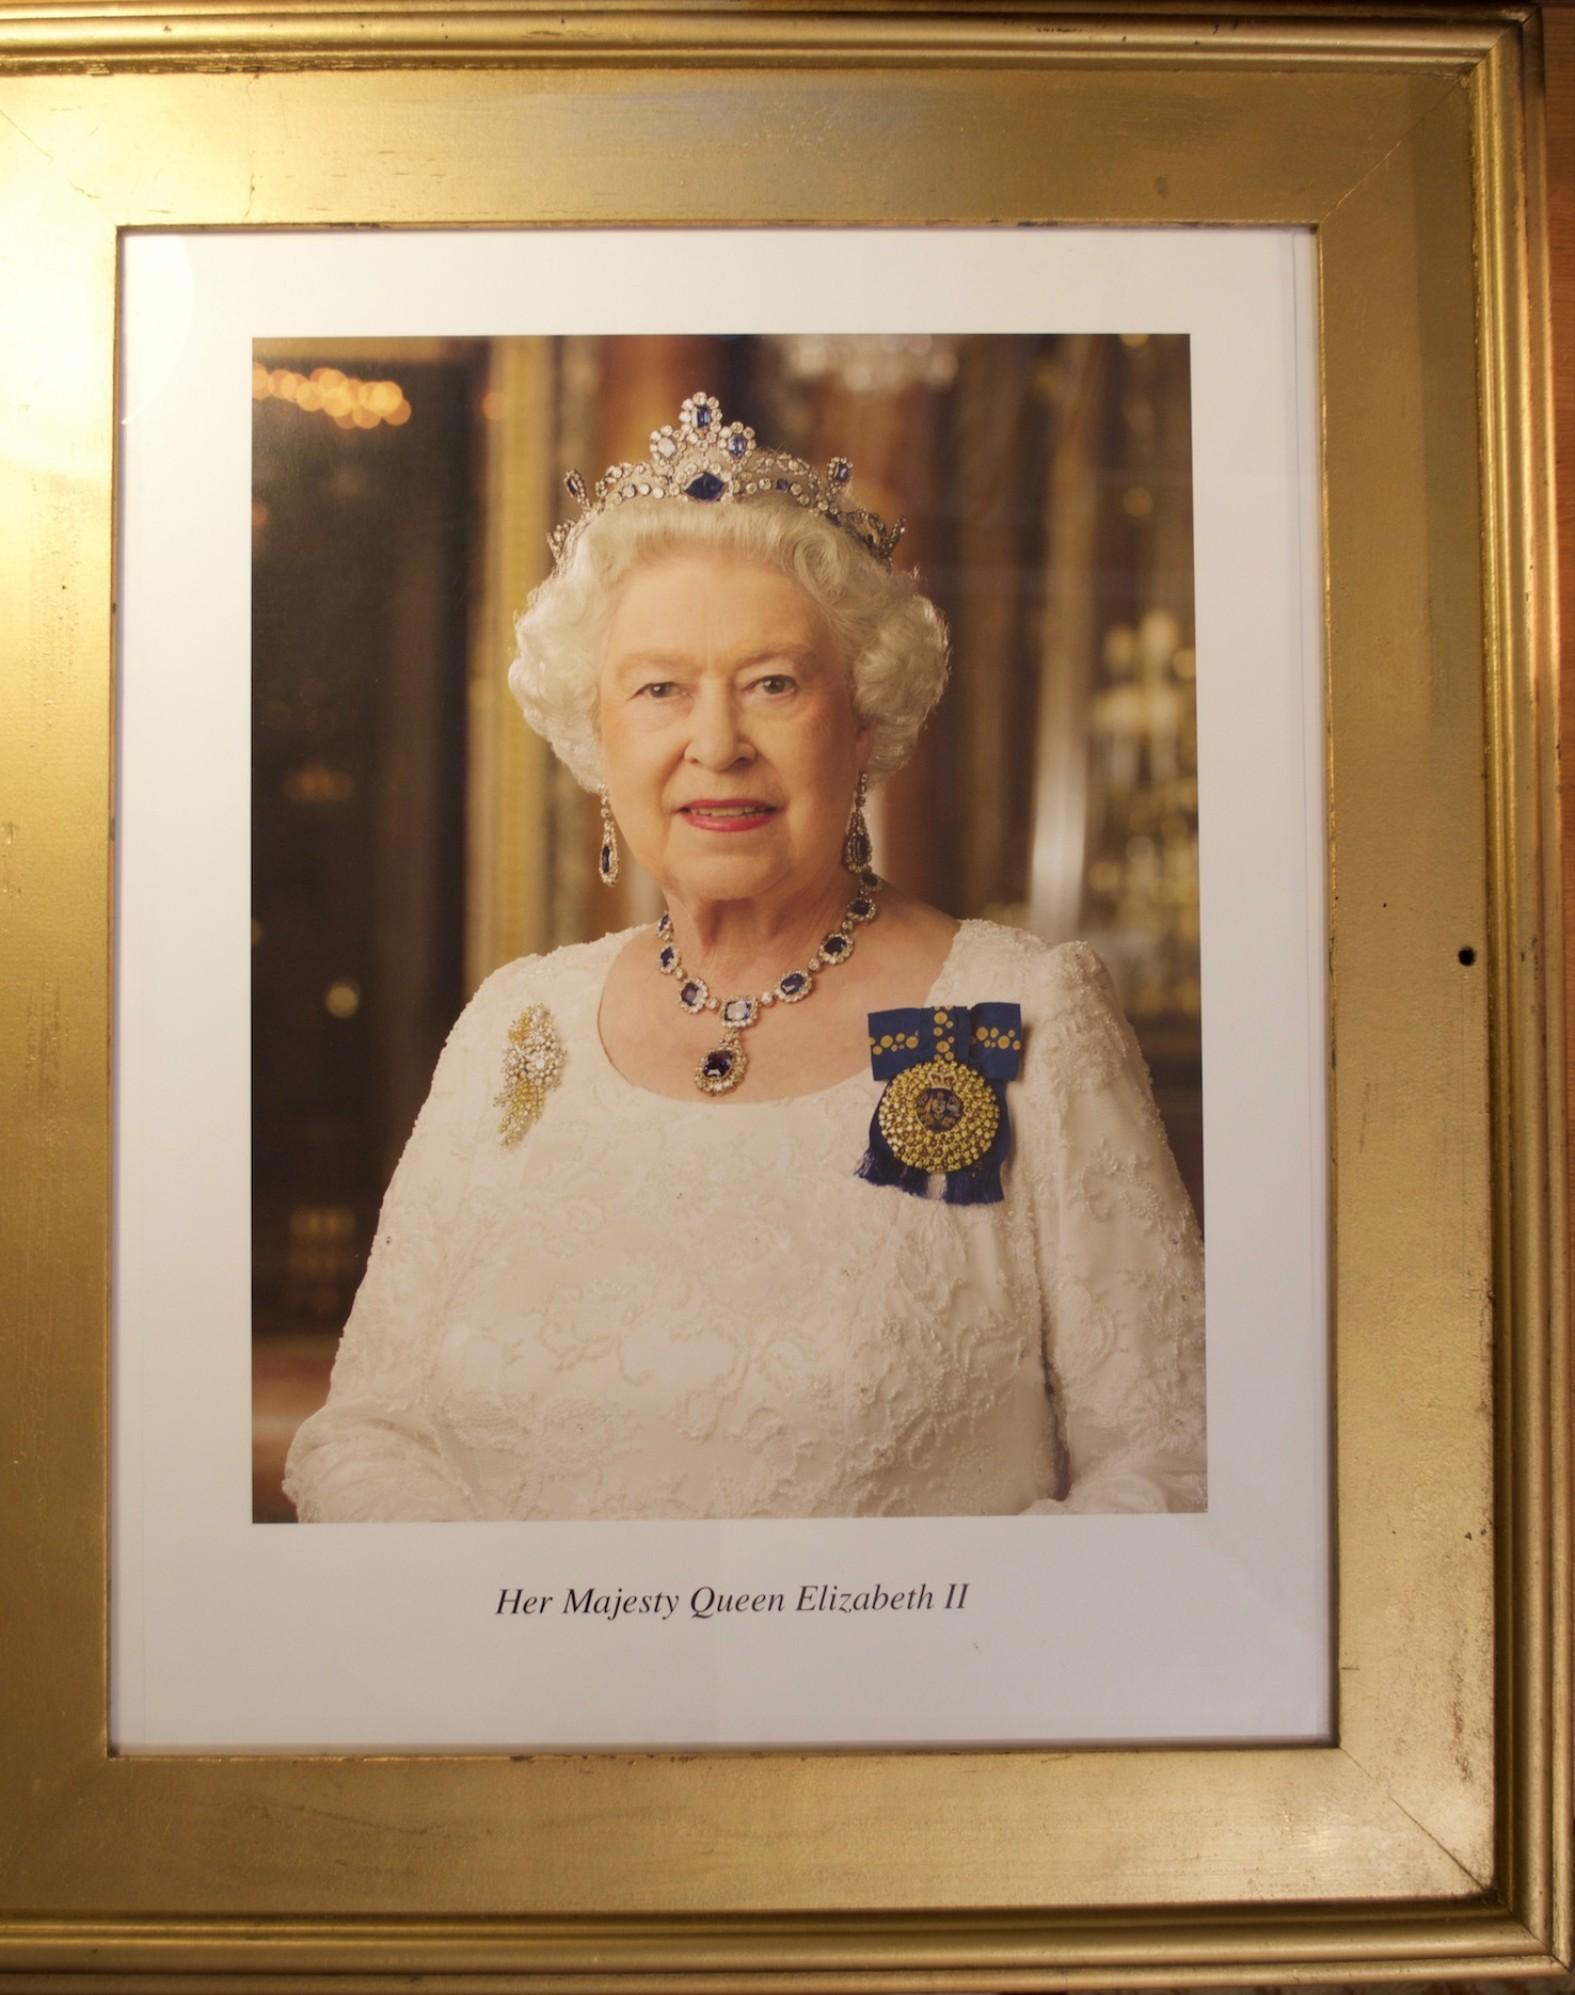 Úc: Chỉ cần gửi một cái email là có ngay chân dung nữ hoàng Anh miễn phí để treo lên tường nhà - Ảnh 2.